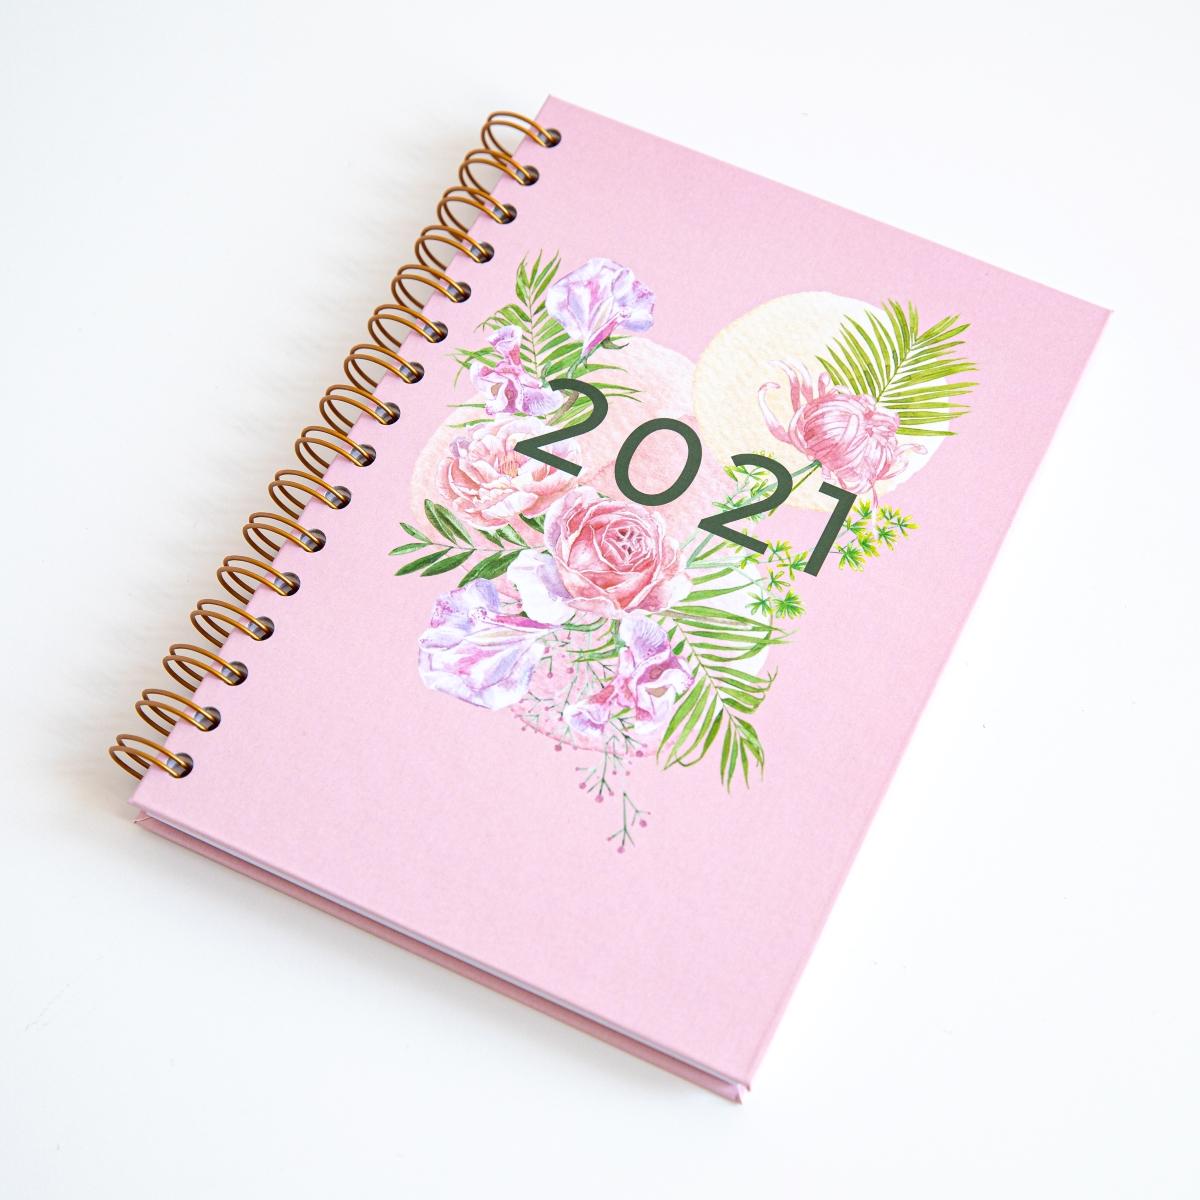 Personalizowany Planer 2021 okładka rajskie kwiaty